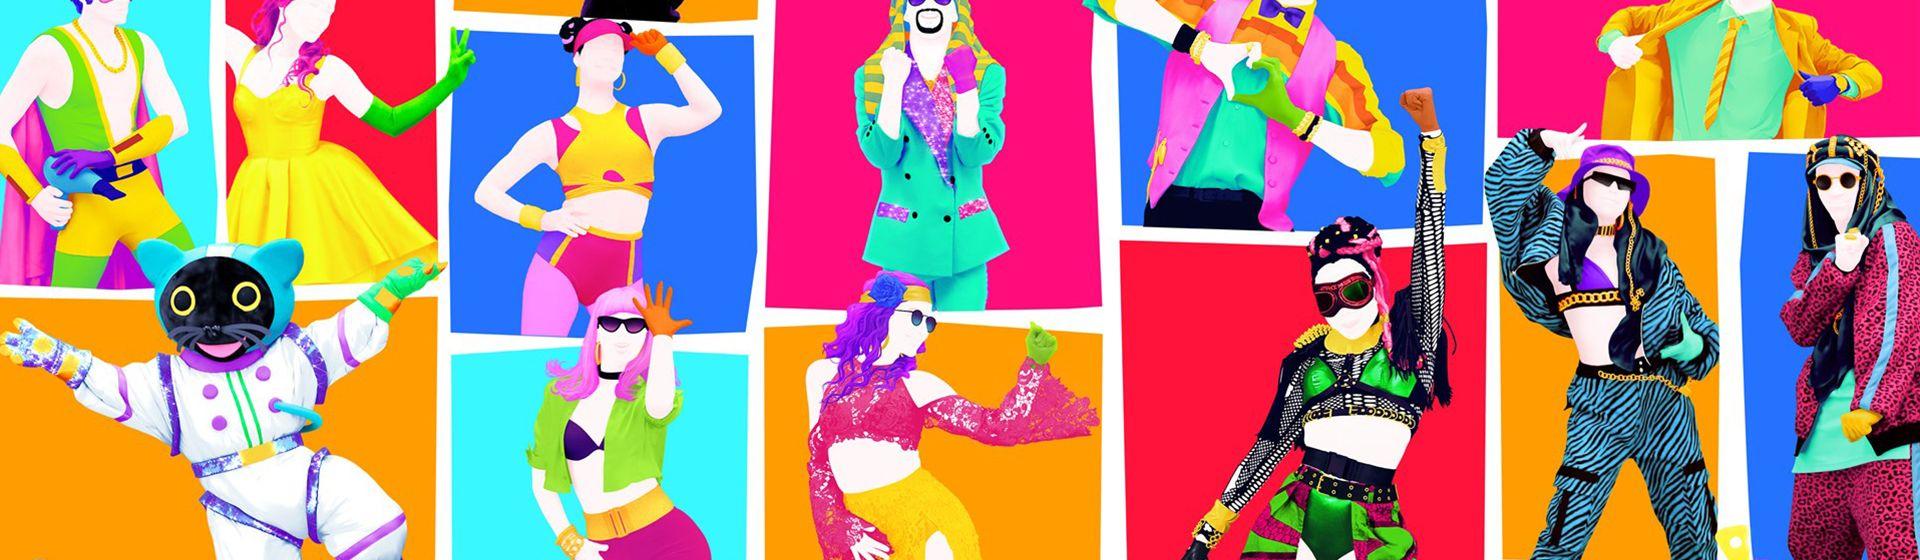 Just Dance 2021 recebe data de lançamento; veja músicas e trailer